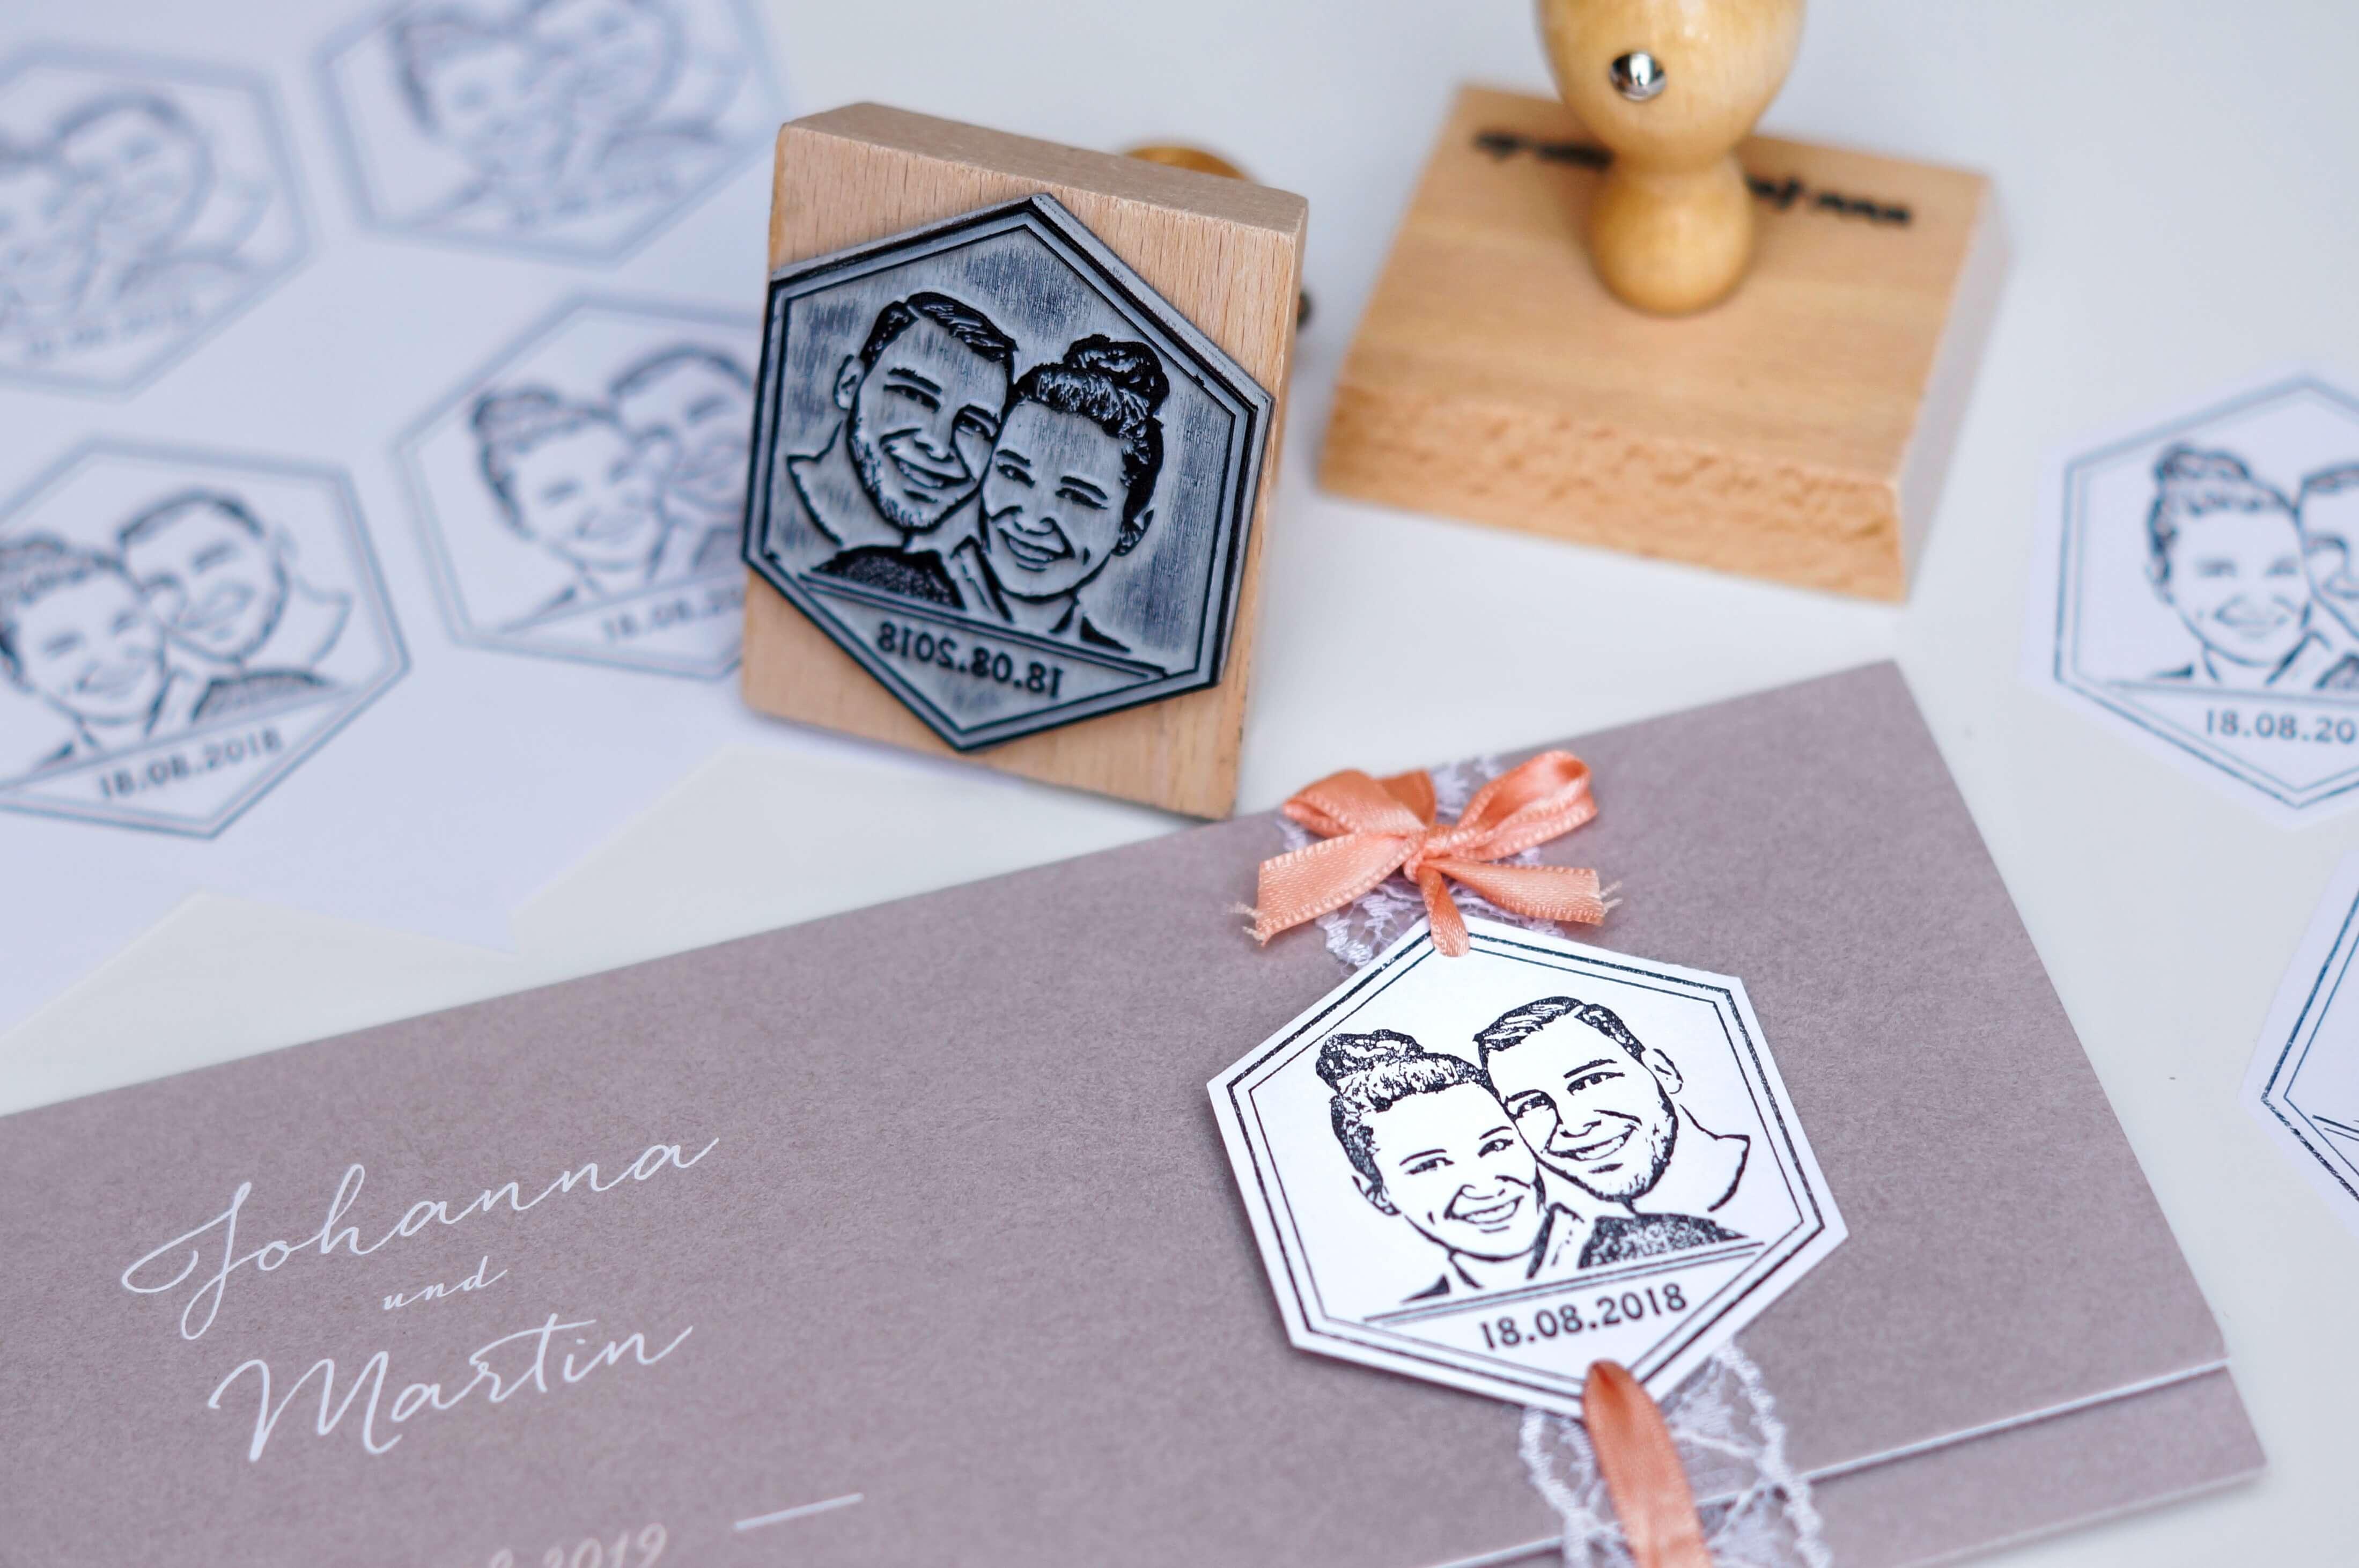 Fotostempel-Portraitstempel-Stempel-personalisiert-mit-Gesichtern-Hochzeitsstempel-Fotogr-sse-Fotogruesse